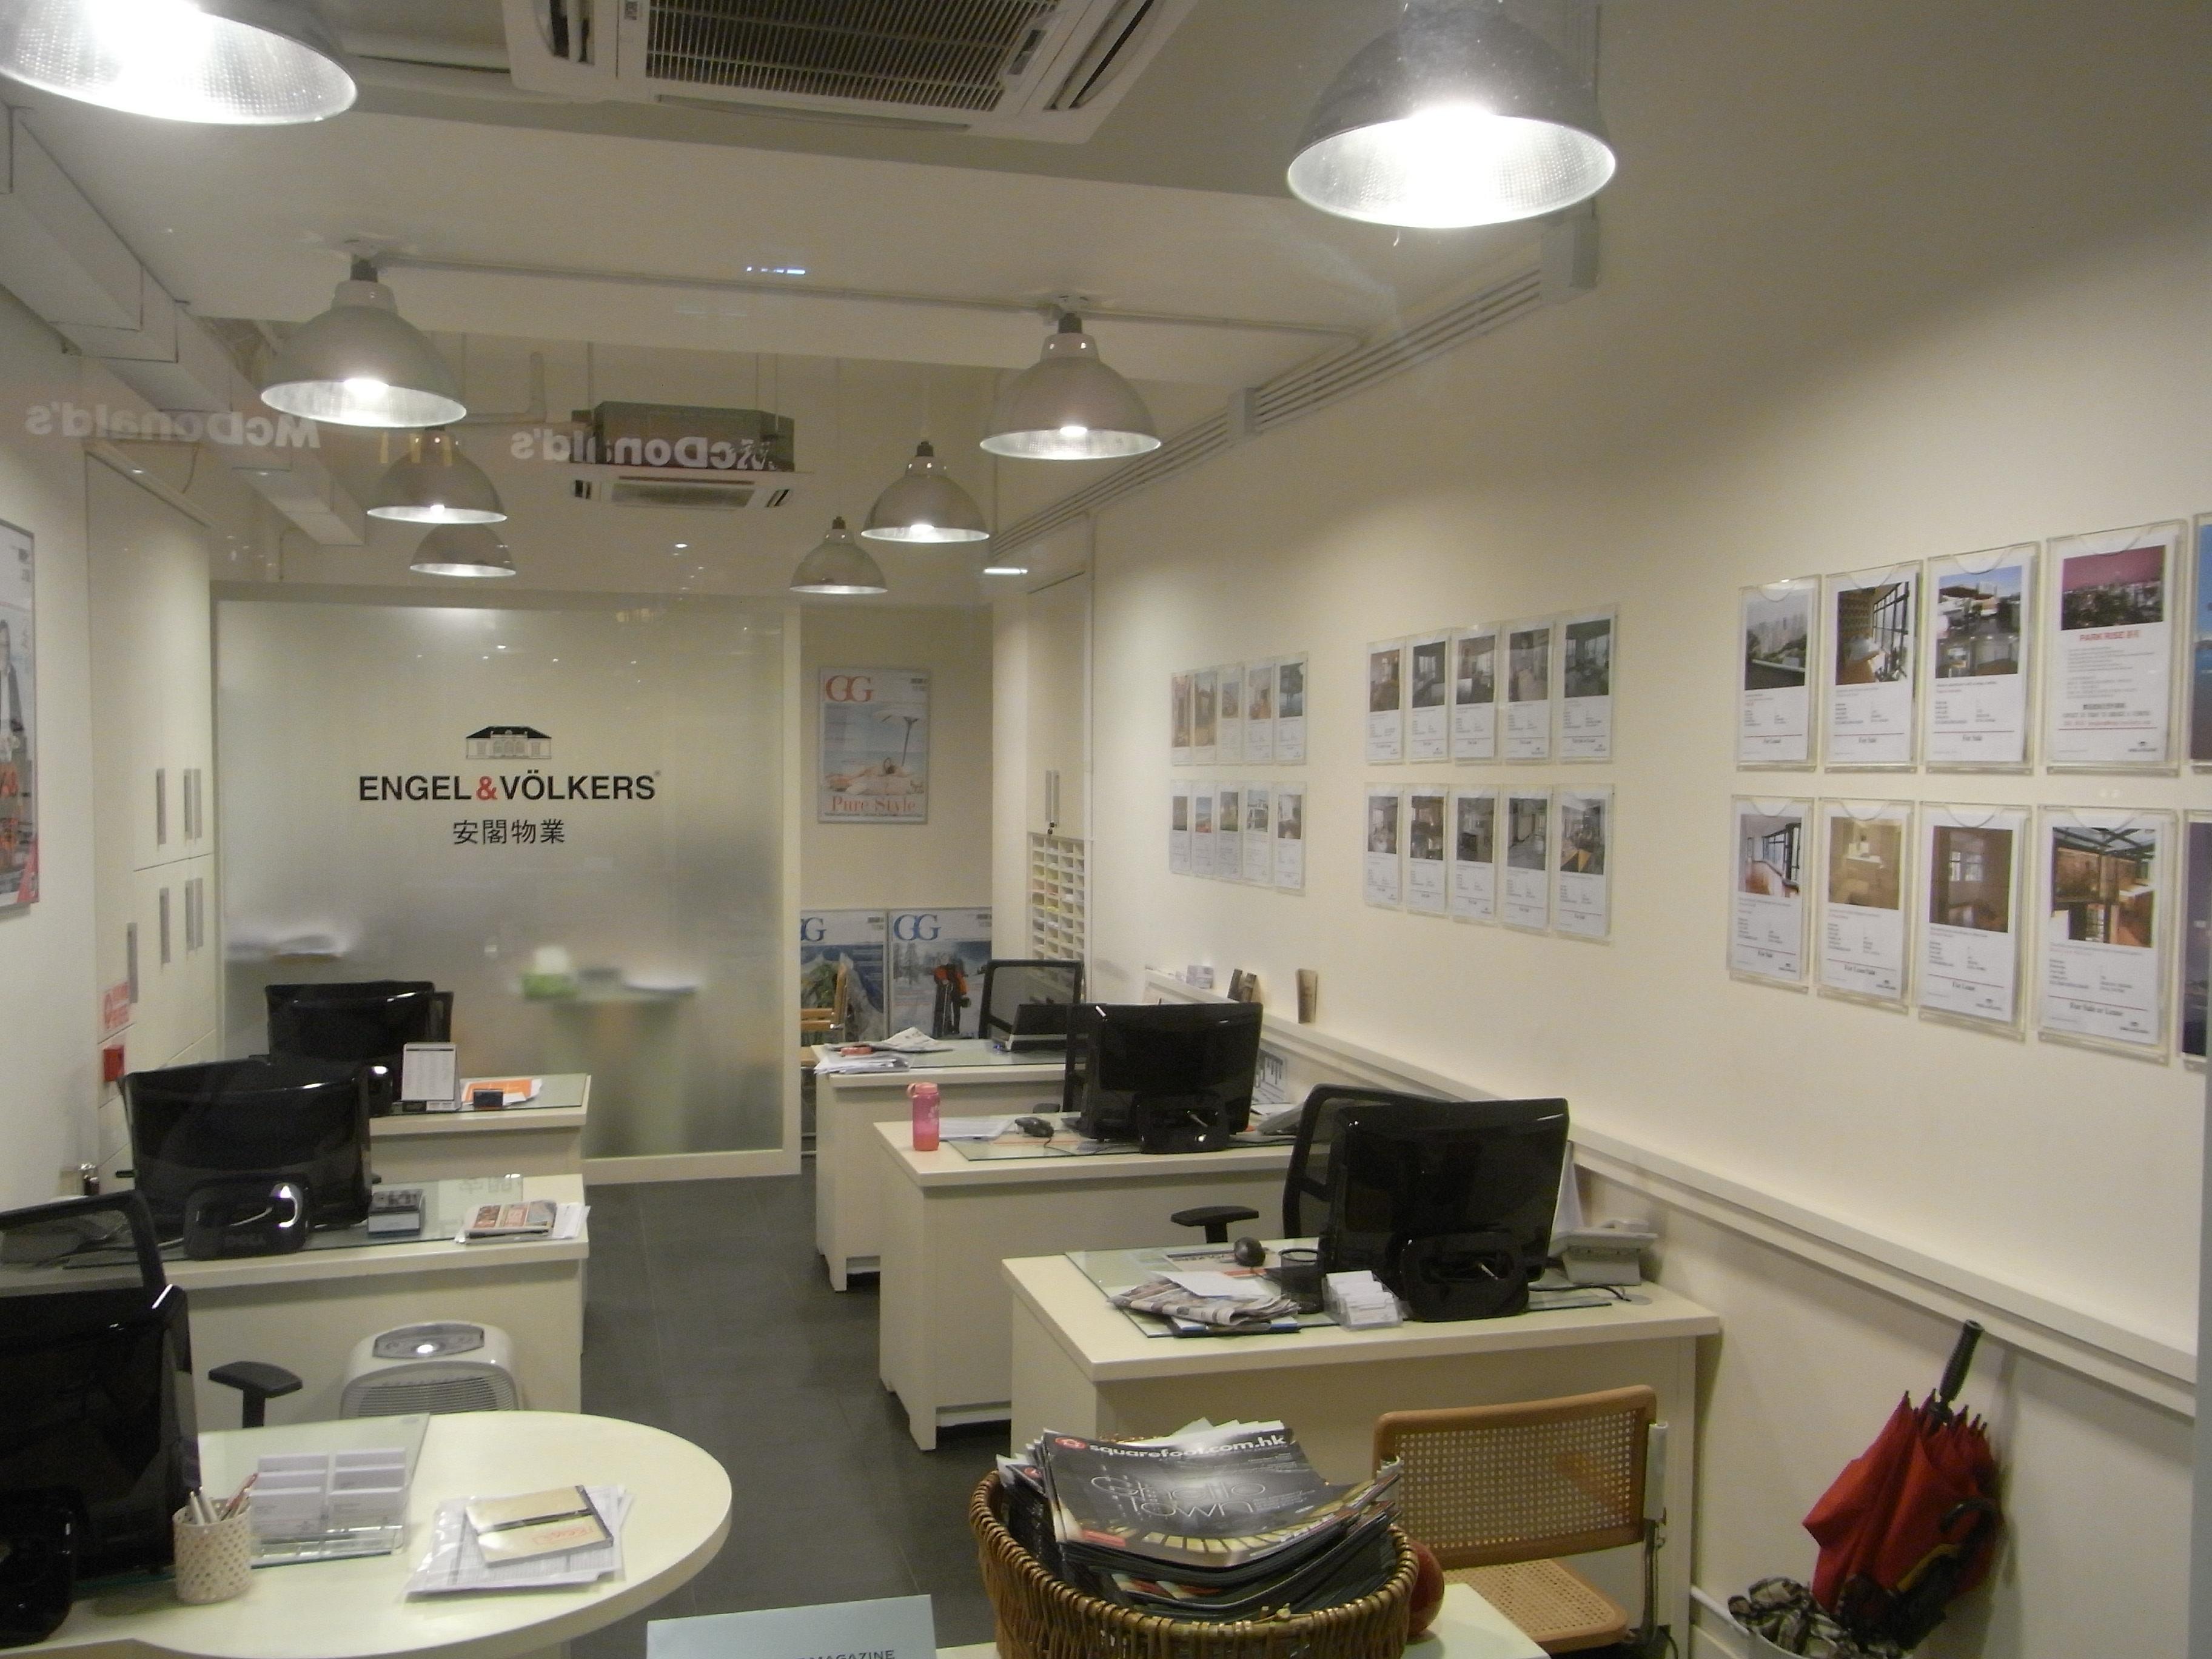 file hk mid levels 95 caine road night engel volkers real estate agent shop interior. Black Bedroom Furniture Sets. Home Design Ideas